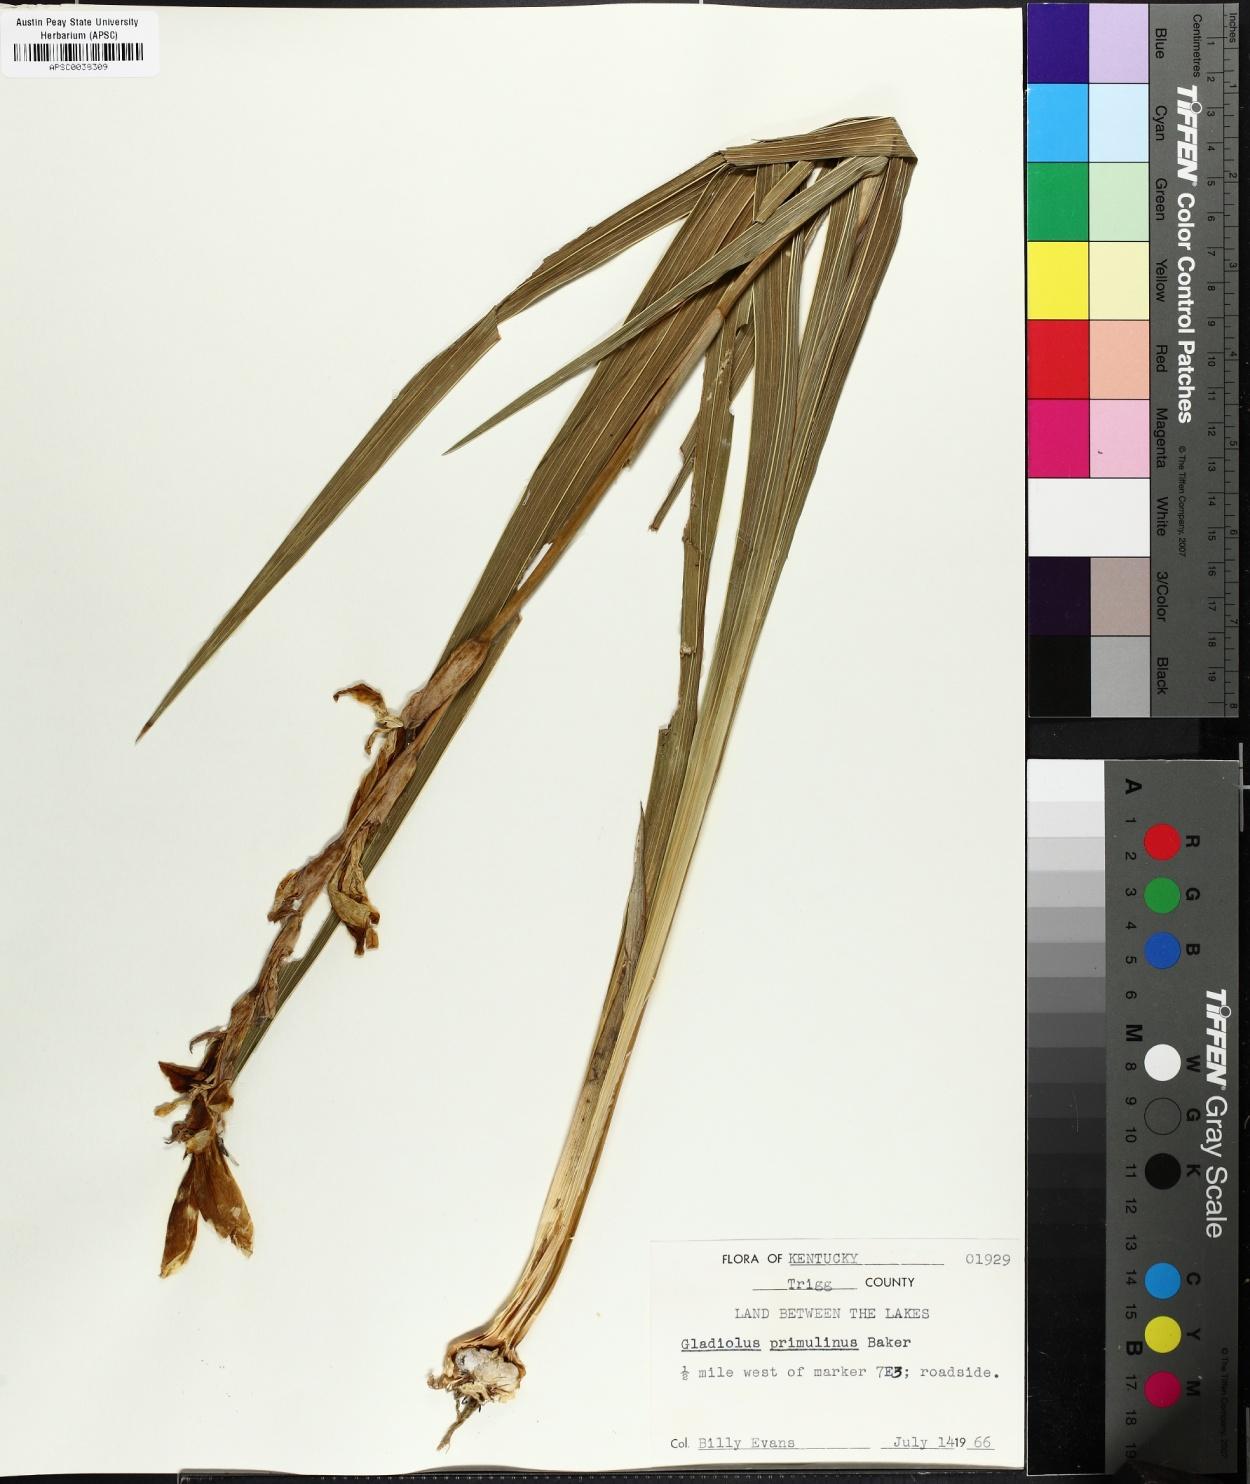 Gladiolus primulinus image